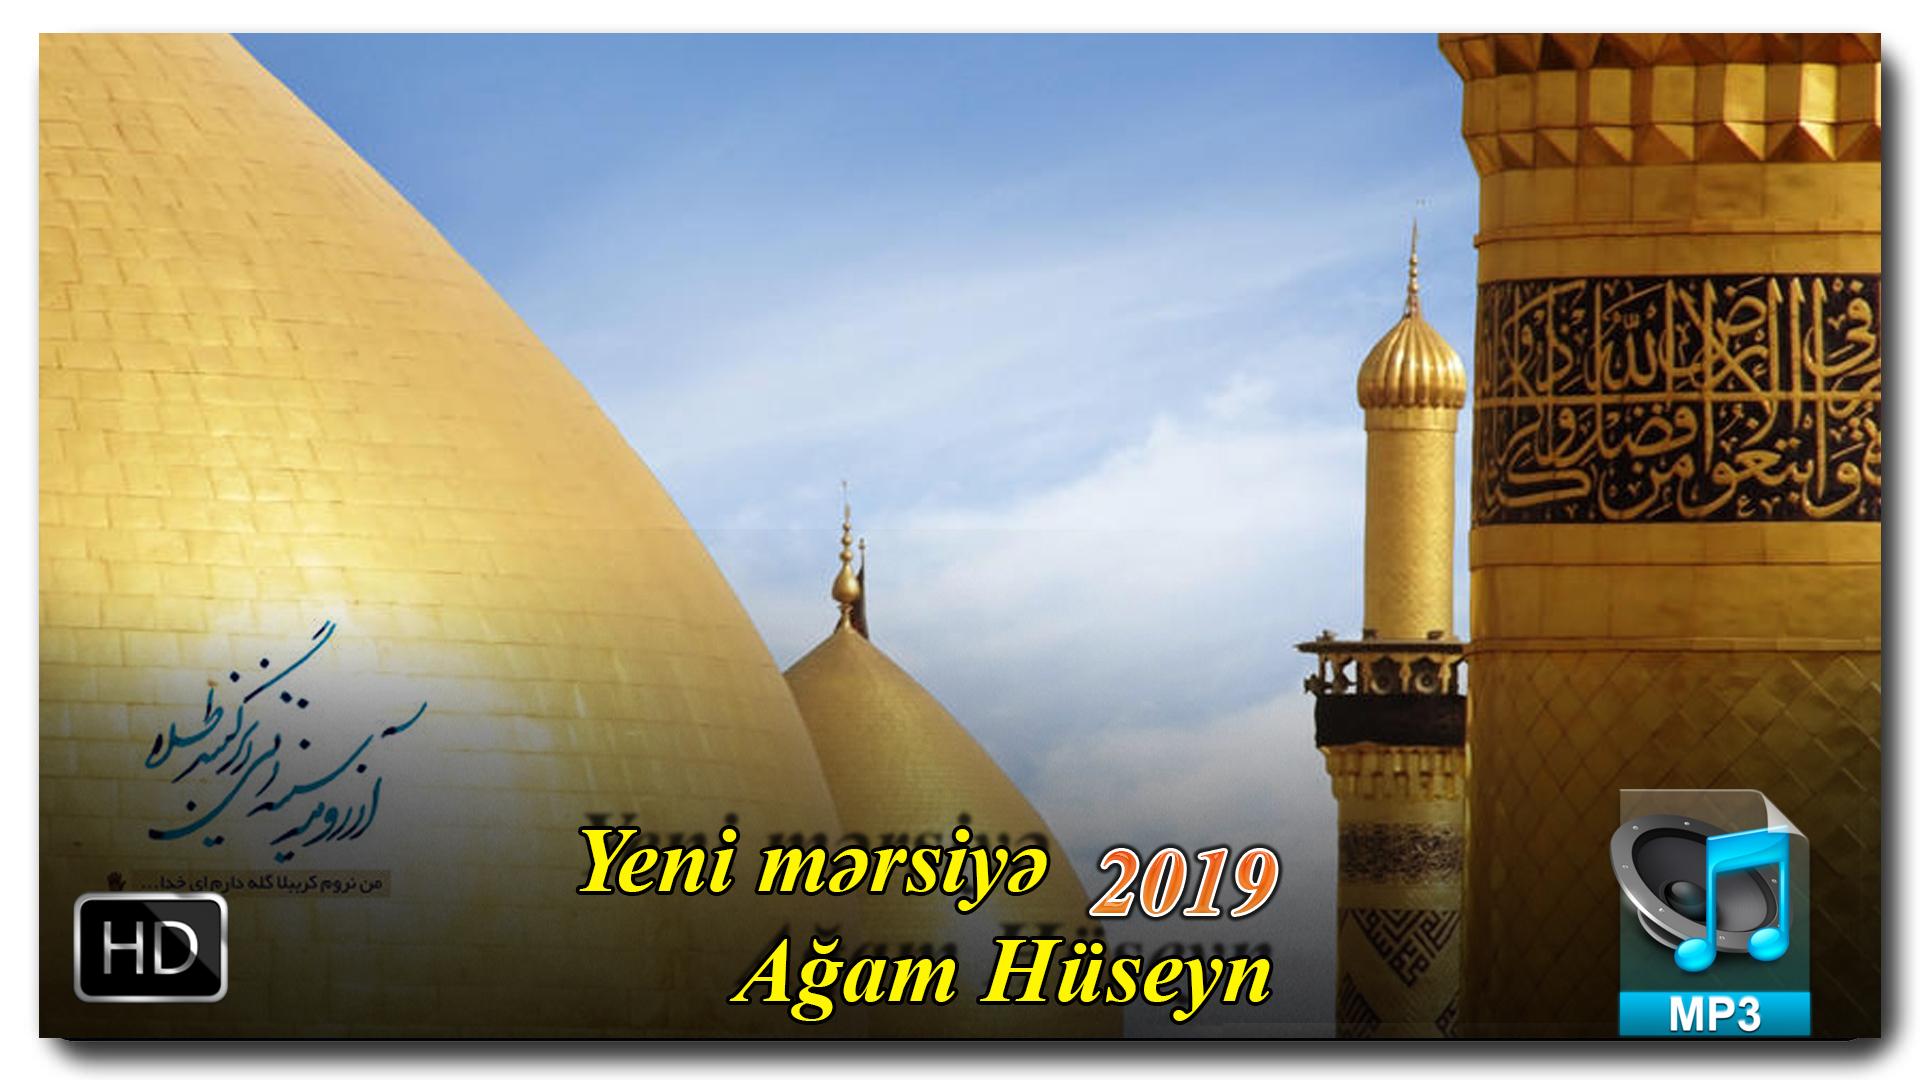 Yeni Mersiye | Agam Hüseyn  |